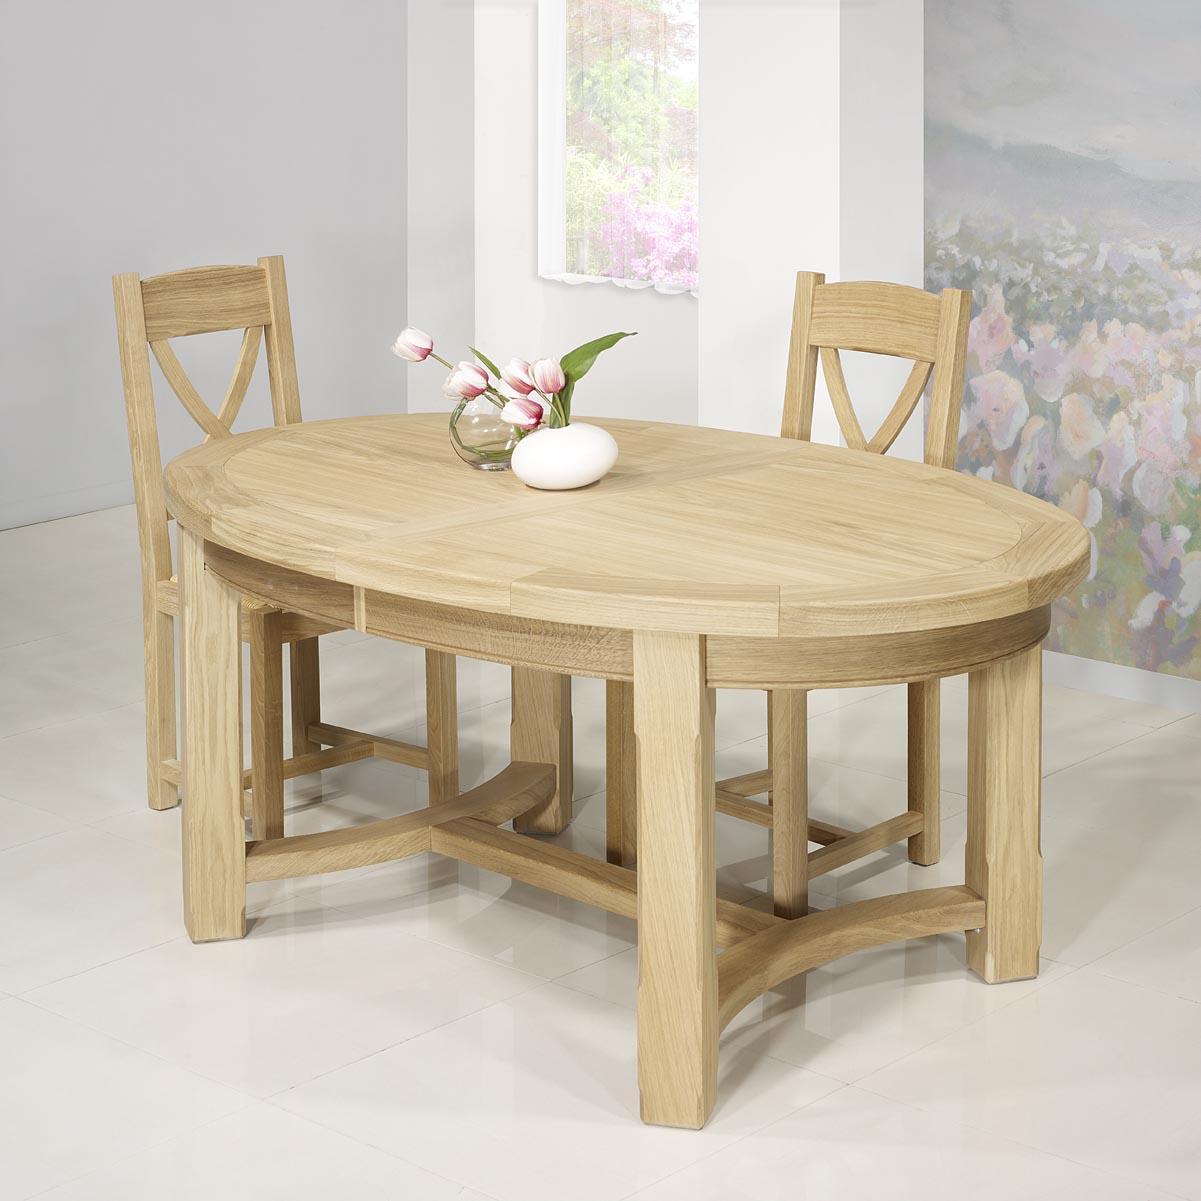 Table de ferme ovale Tom réalisée en Chêne Massif de style Campagnard  1212